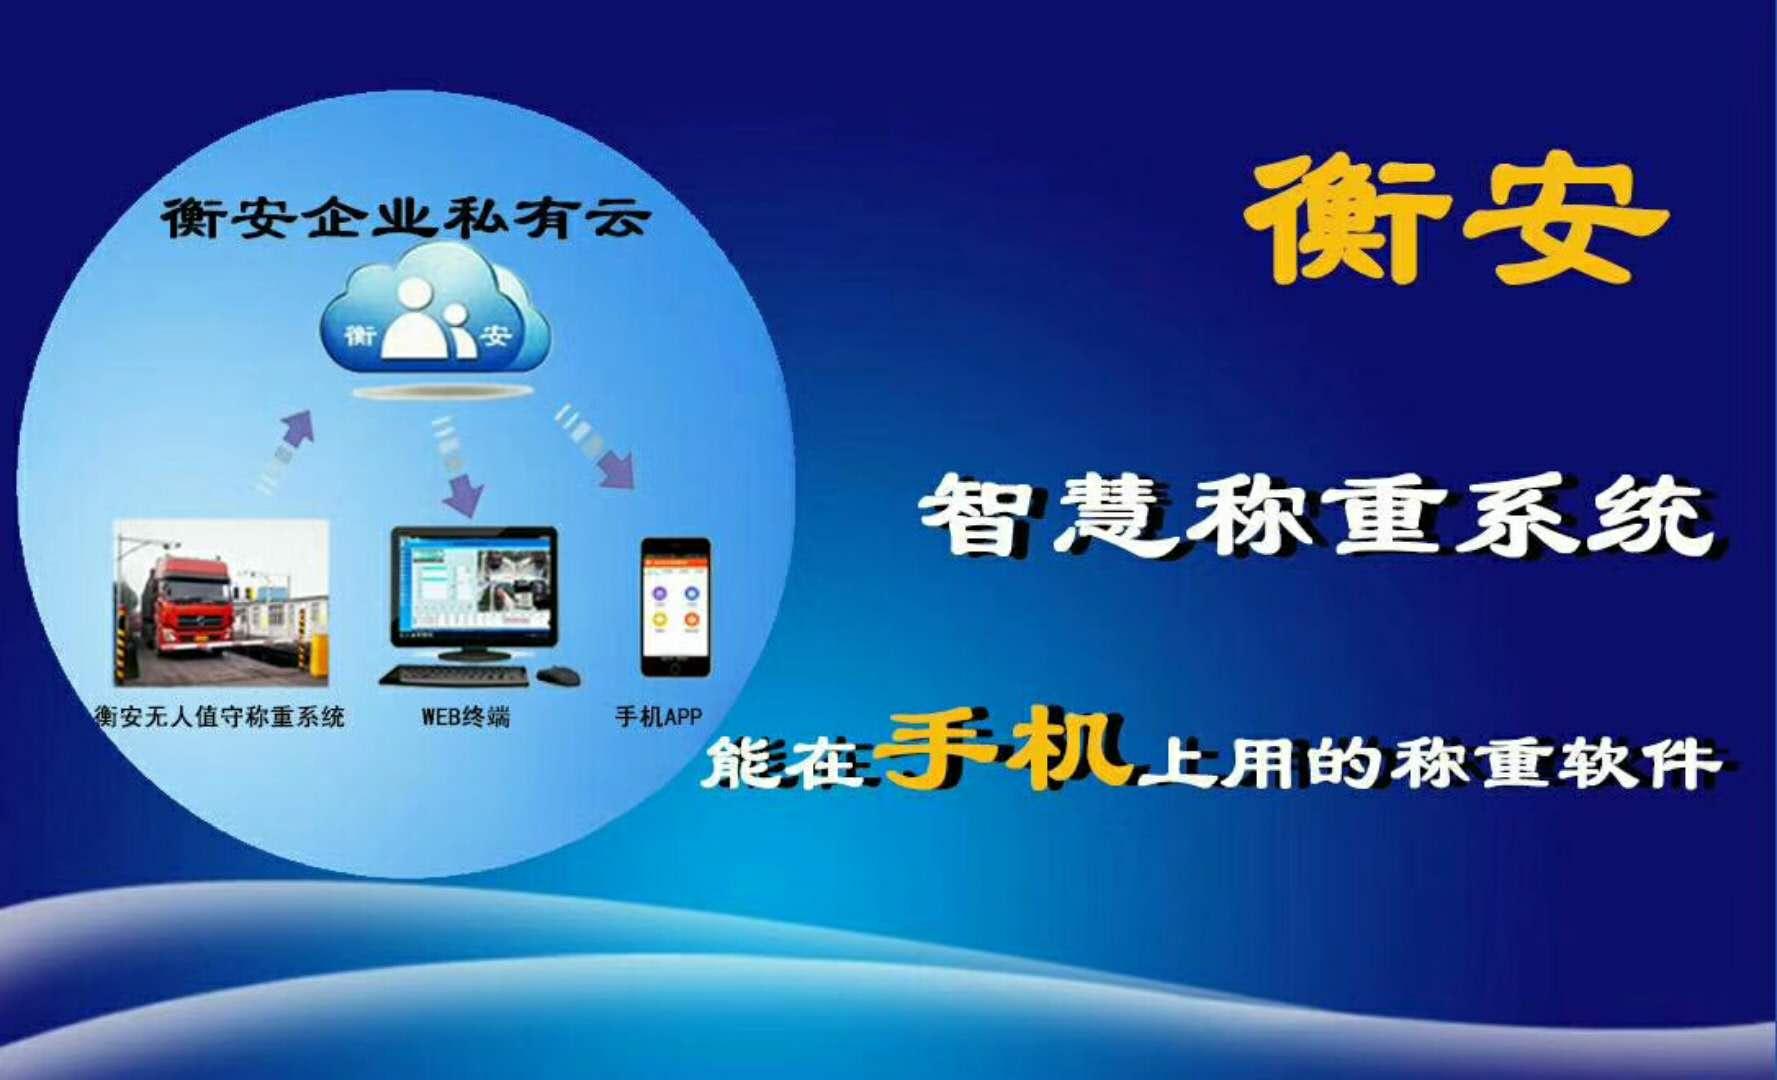 江蘇售賣地磅軟件-鄭州哪里有賣專業的衡安地磅稱重軟件